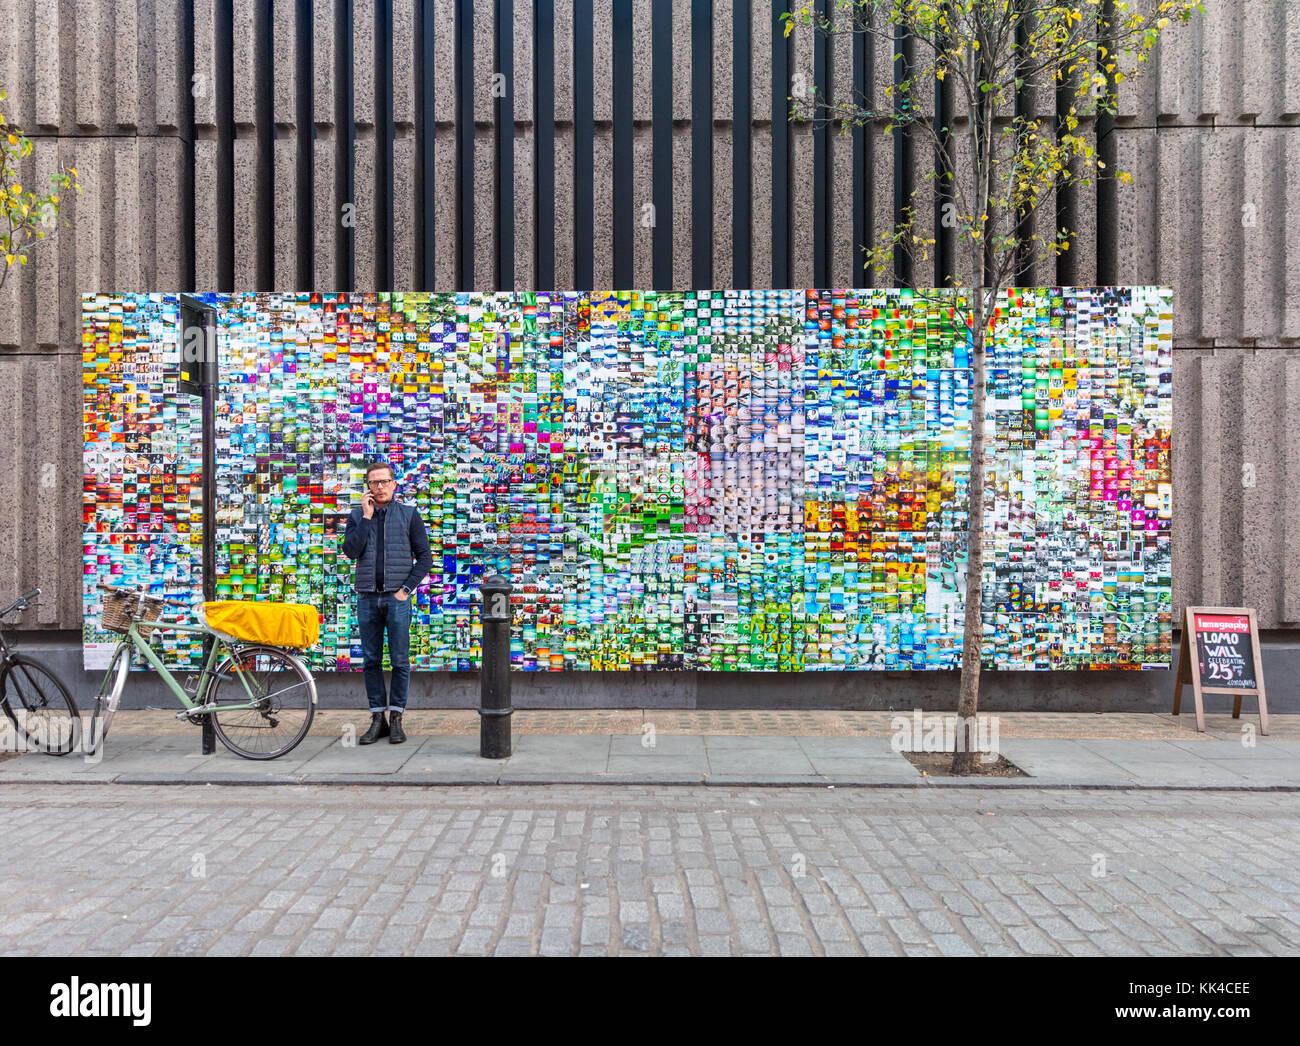 Les gens et le contexte au mur, Lomo lomography l'art de mur près de la Lomography gallery store dans le Photo Stock